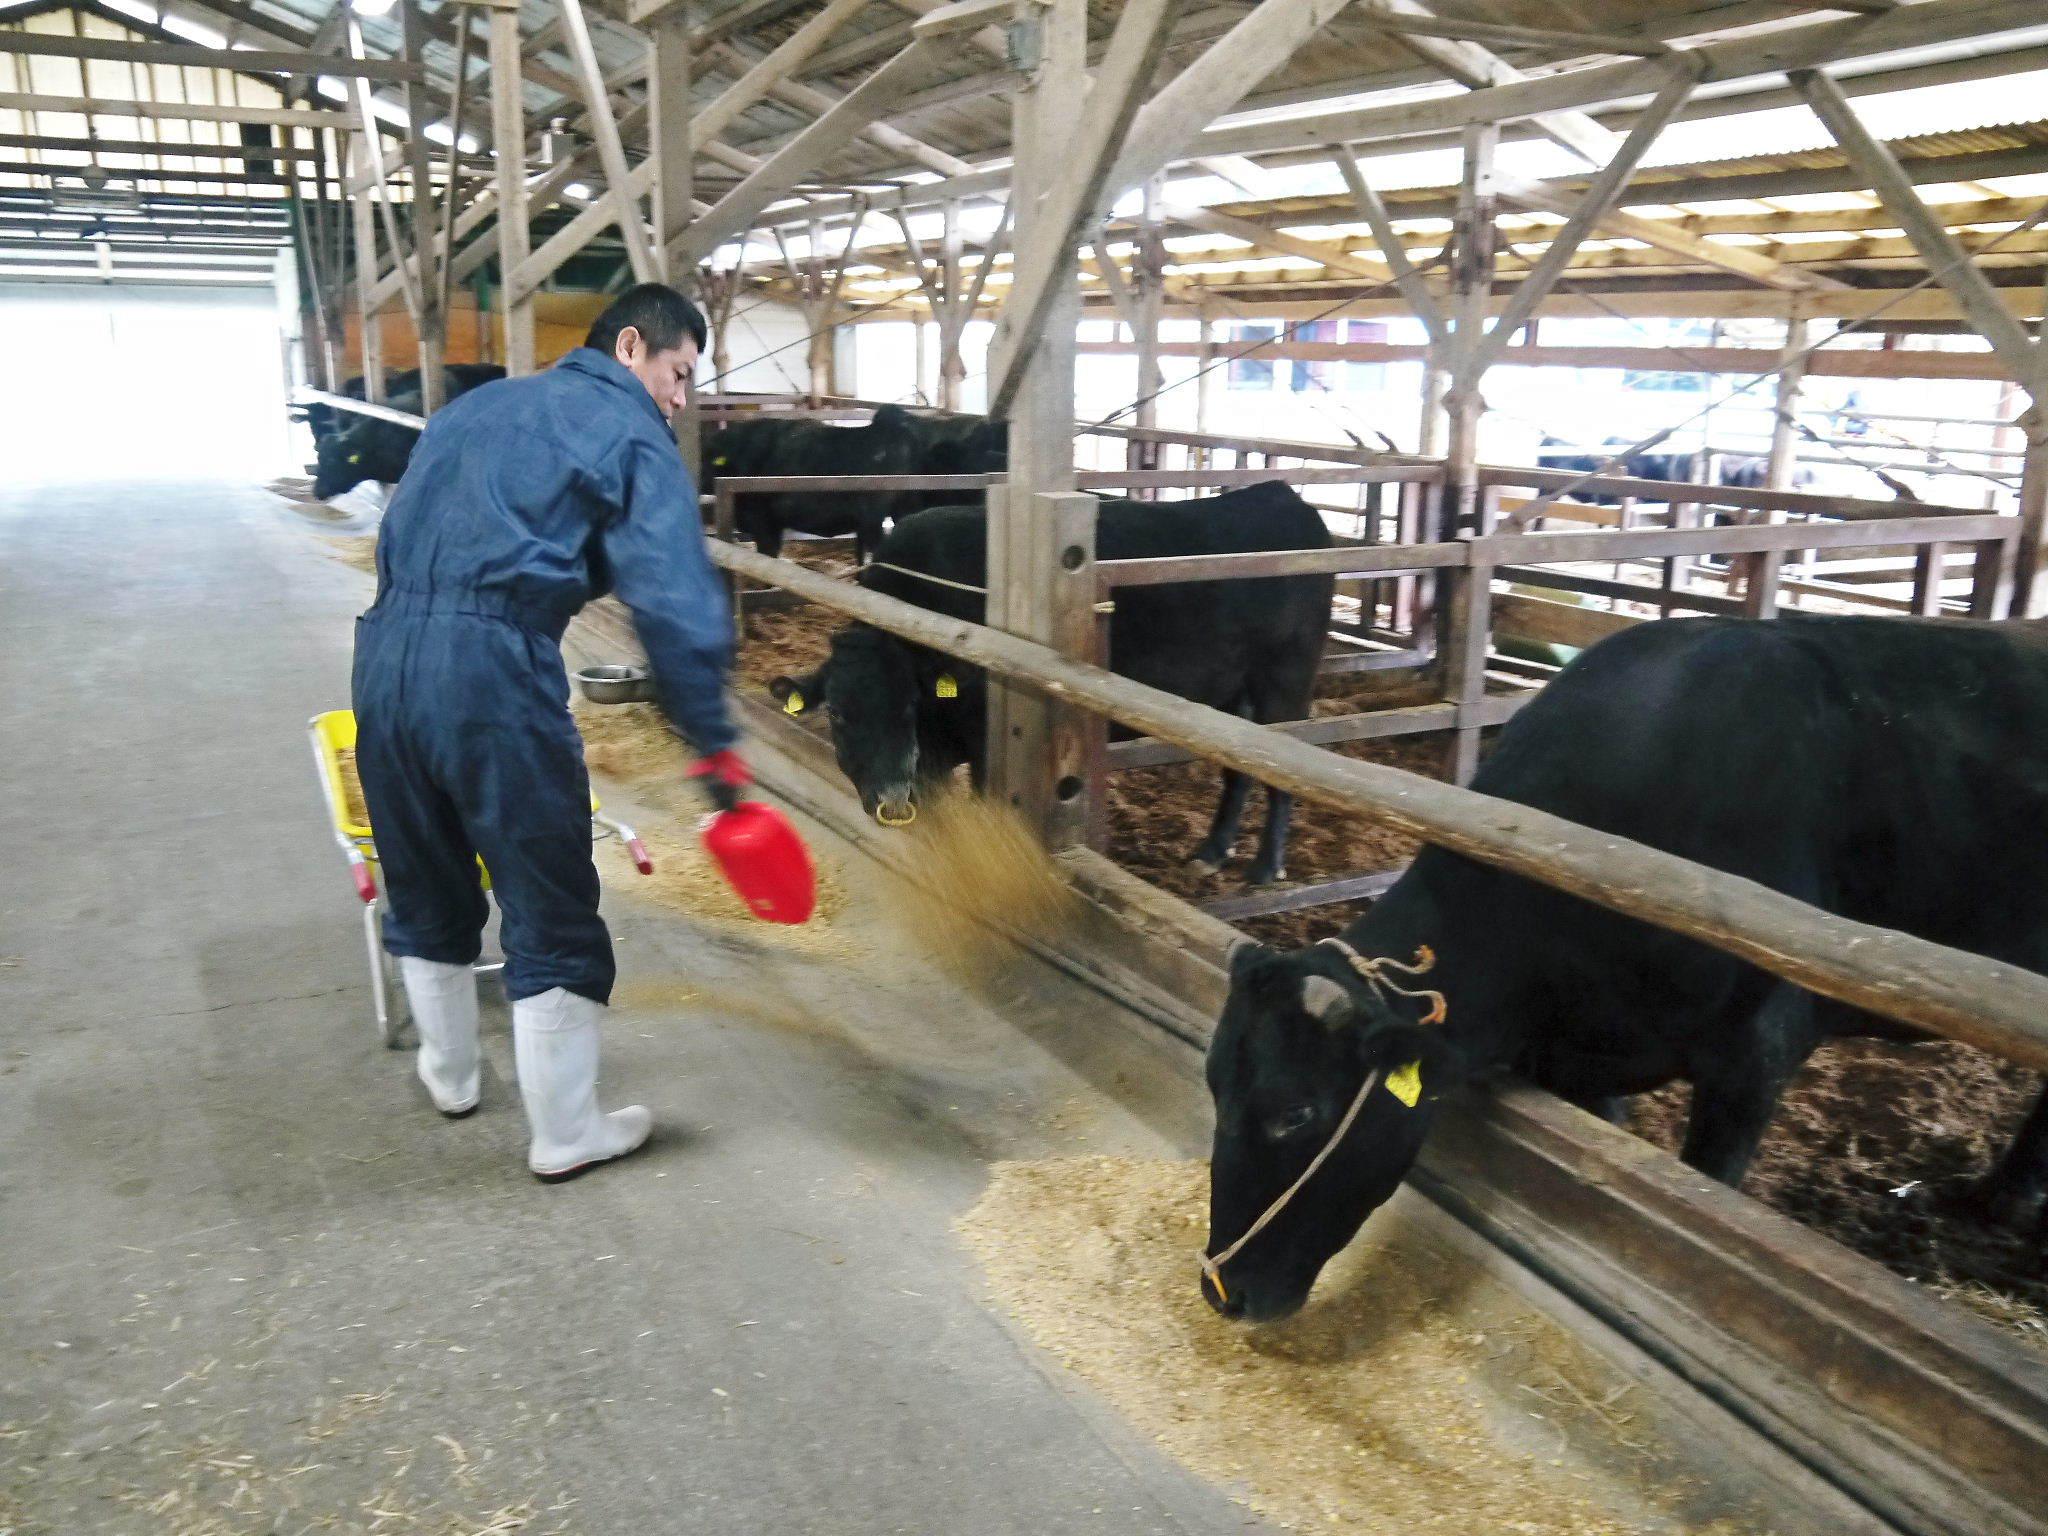 熊本県産の黒毛和牛を100%のハンバーグステーキ!今月は10月21日に出荷します!数量限定販売です!_a0254656_19394895.jpg